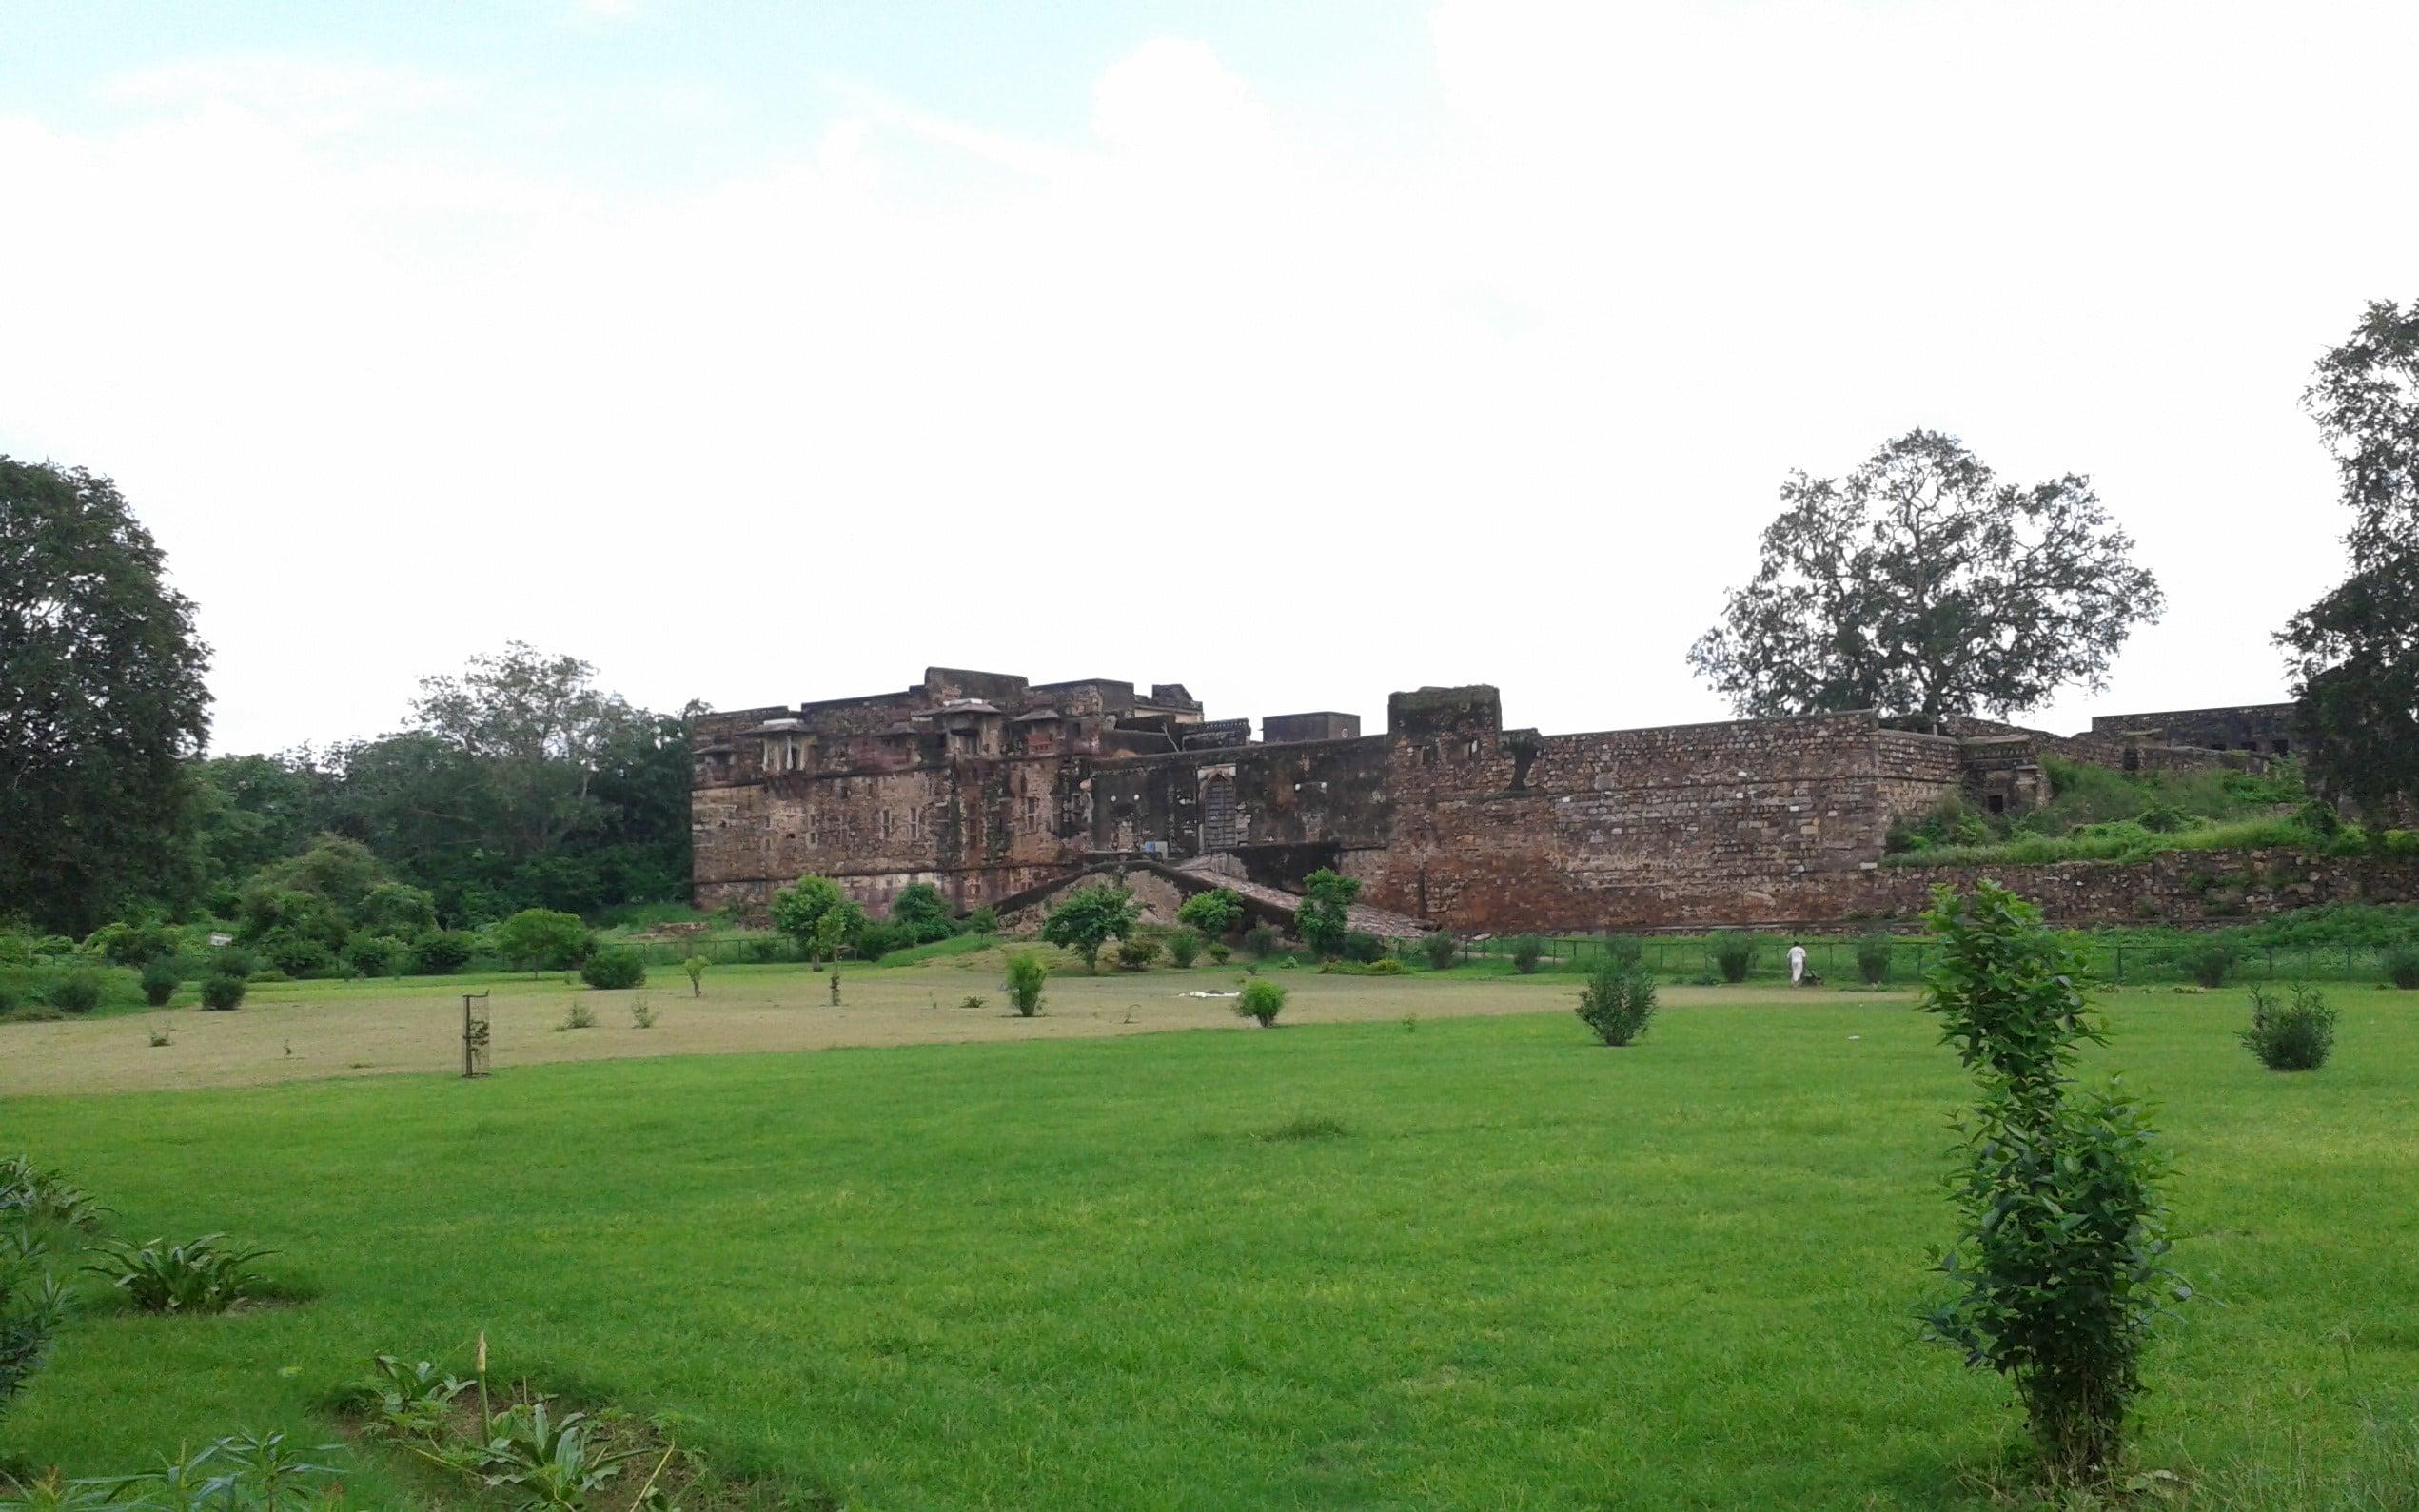 Ranthambore Fort, Sawai Madhopur History, Timing, Photos 2020